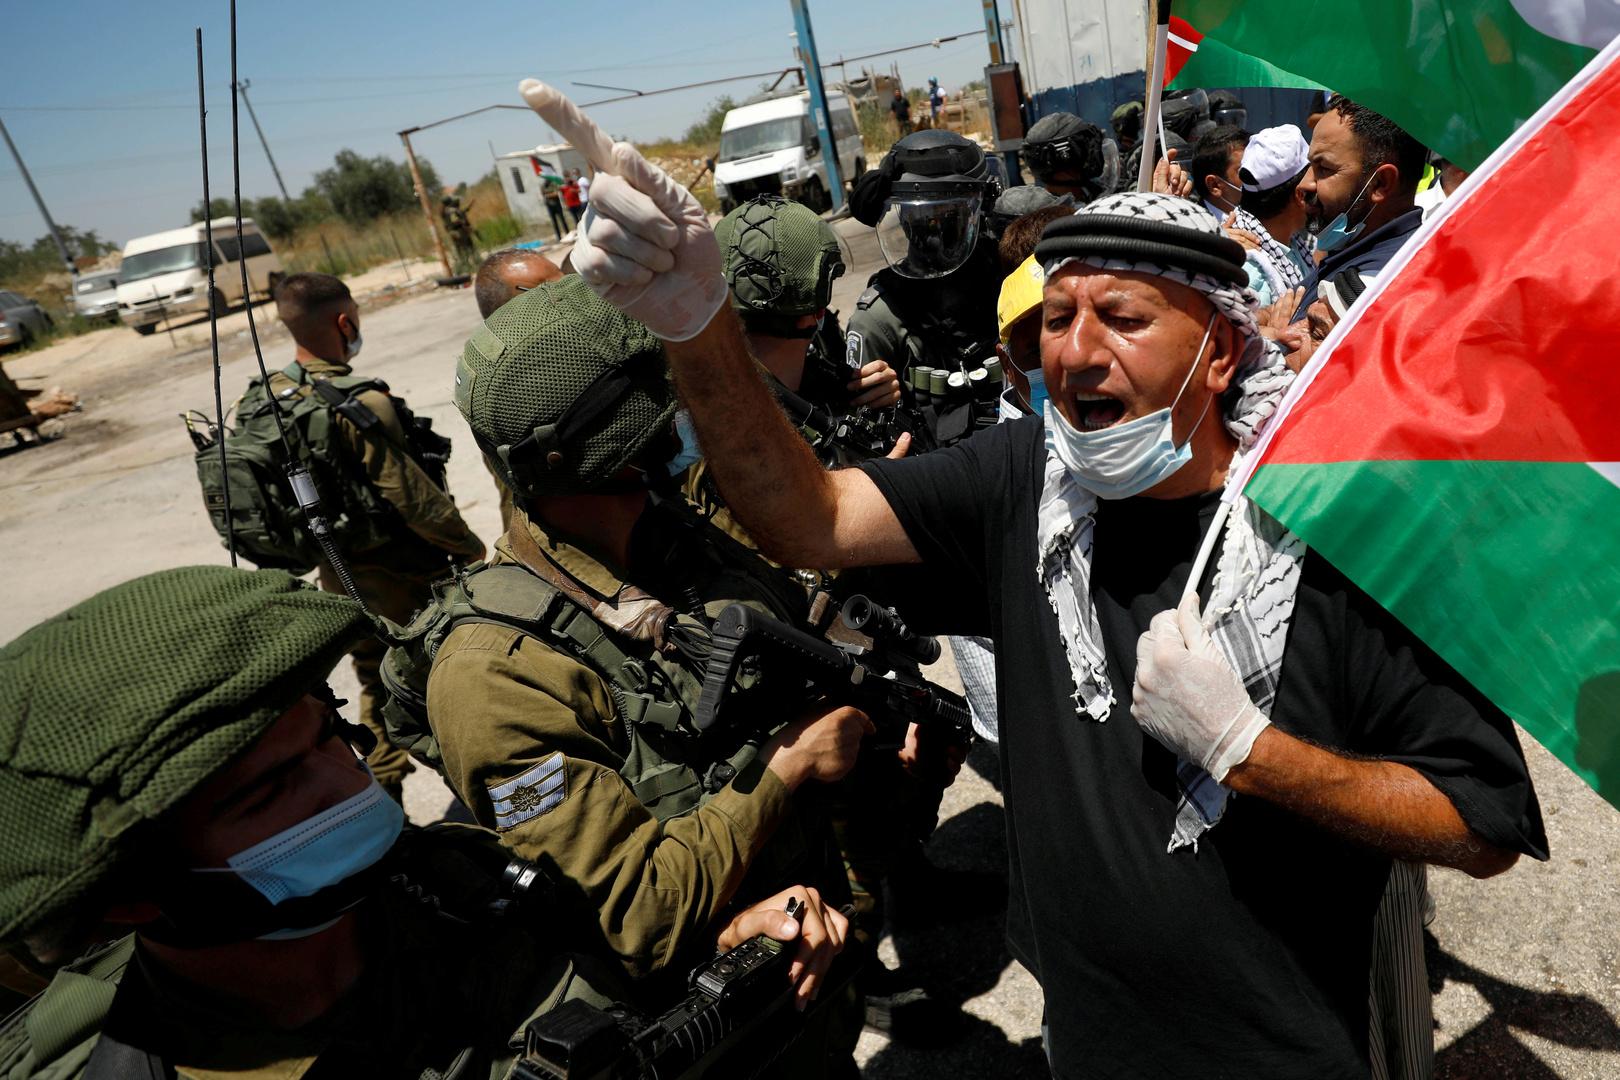 باحثة مصرية: 8 مخاطر تحدق بإسرائيل في حال إقدامها على ضم أراض فلسطينية